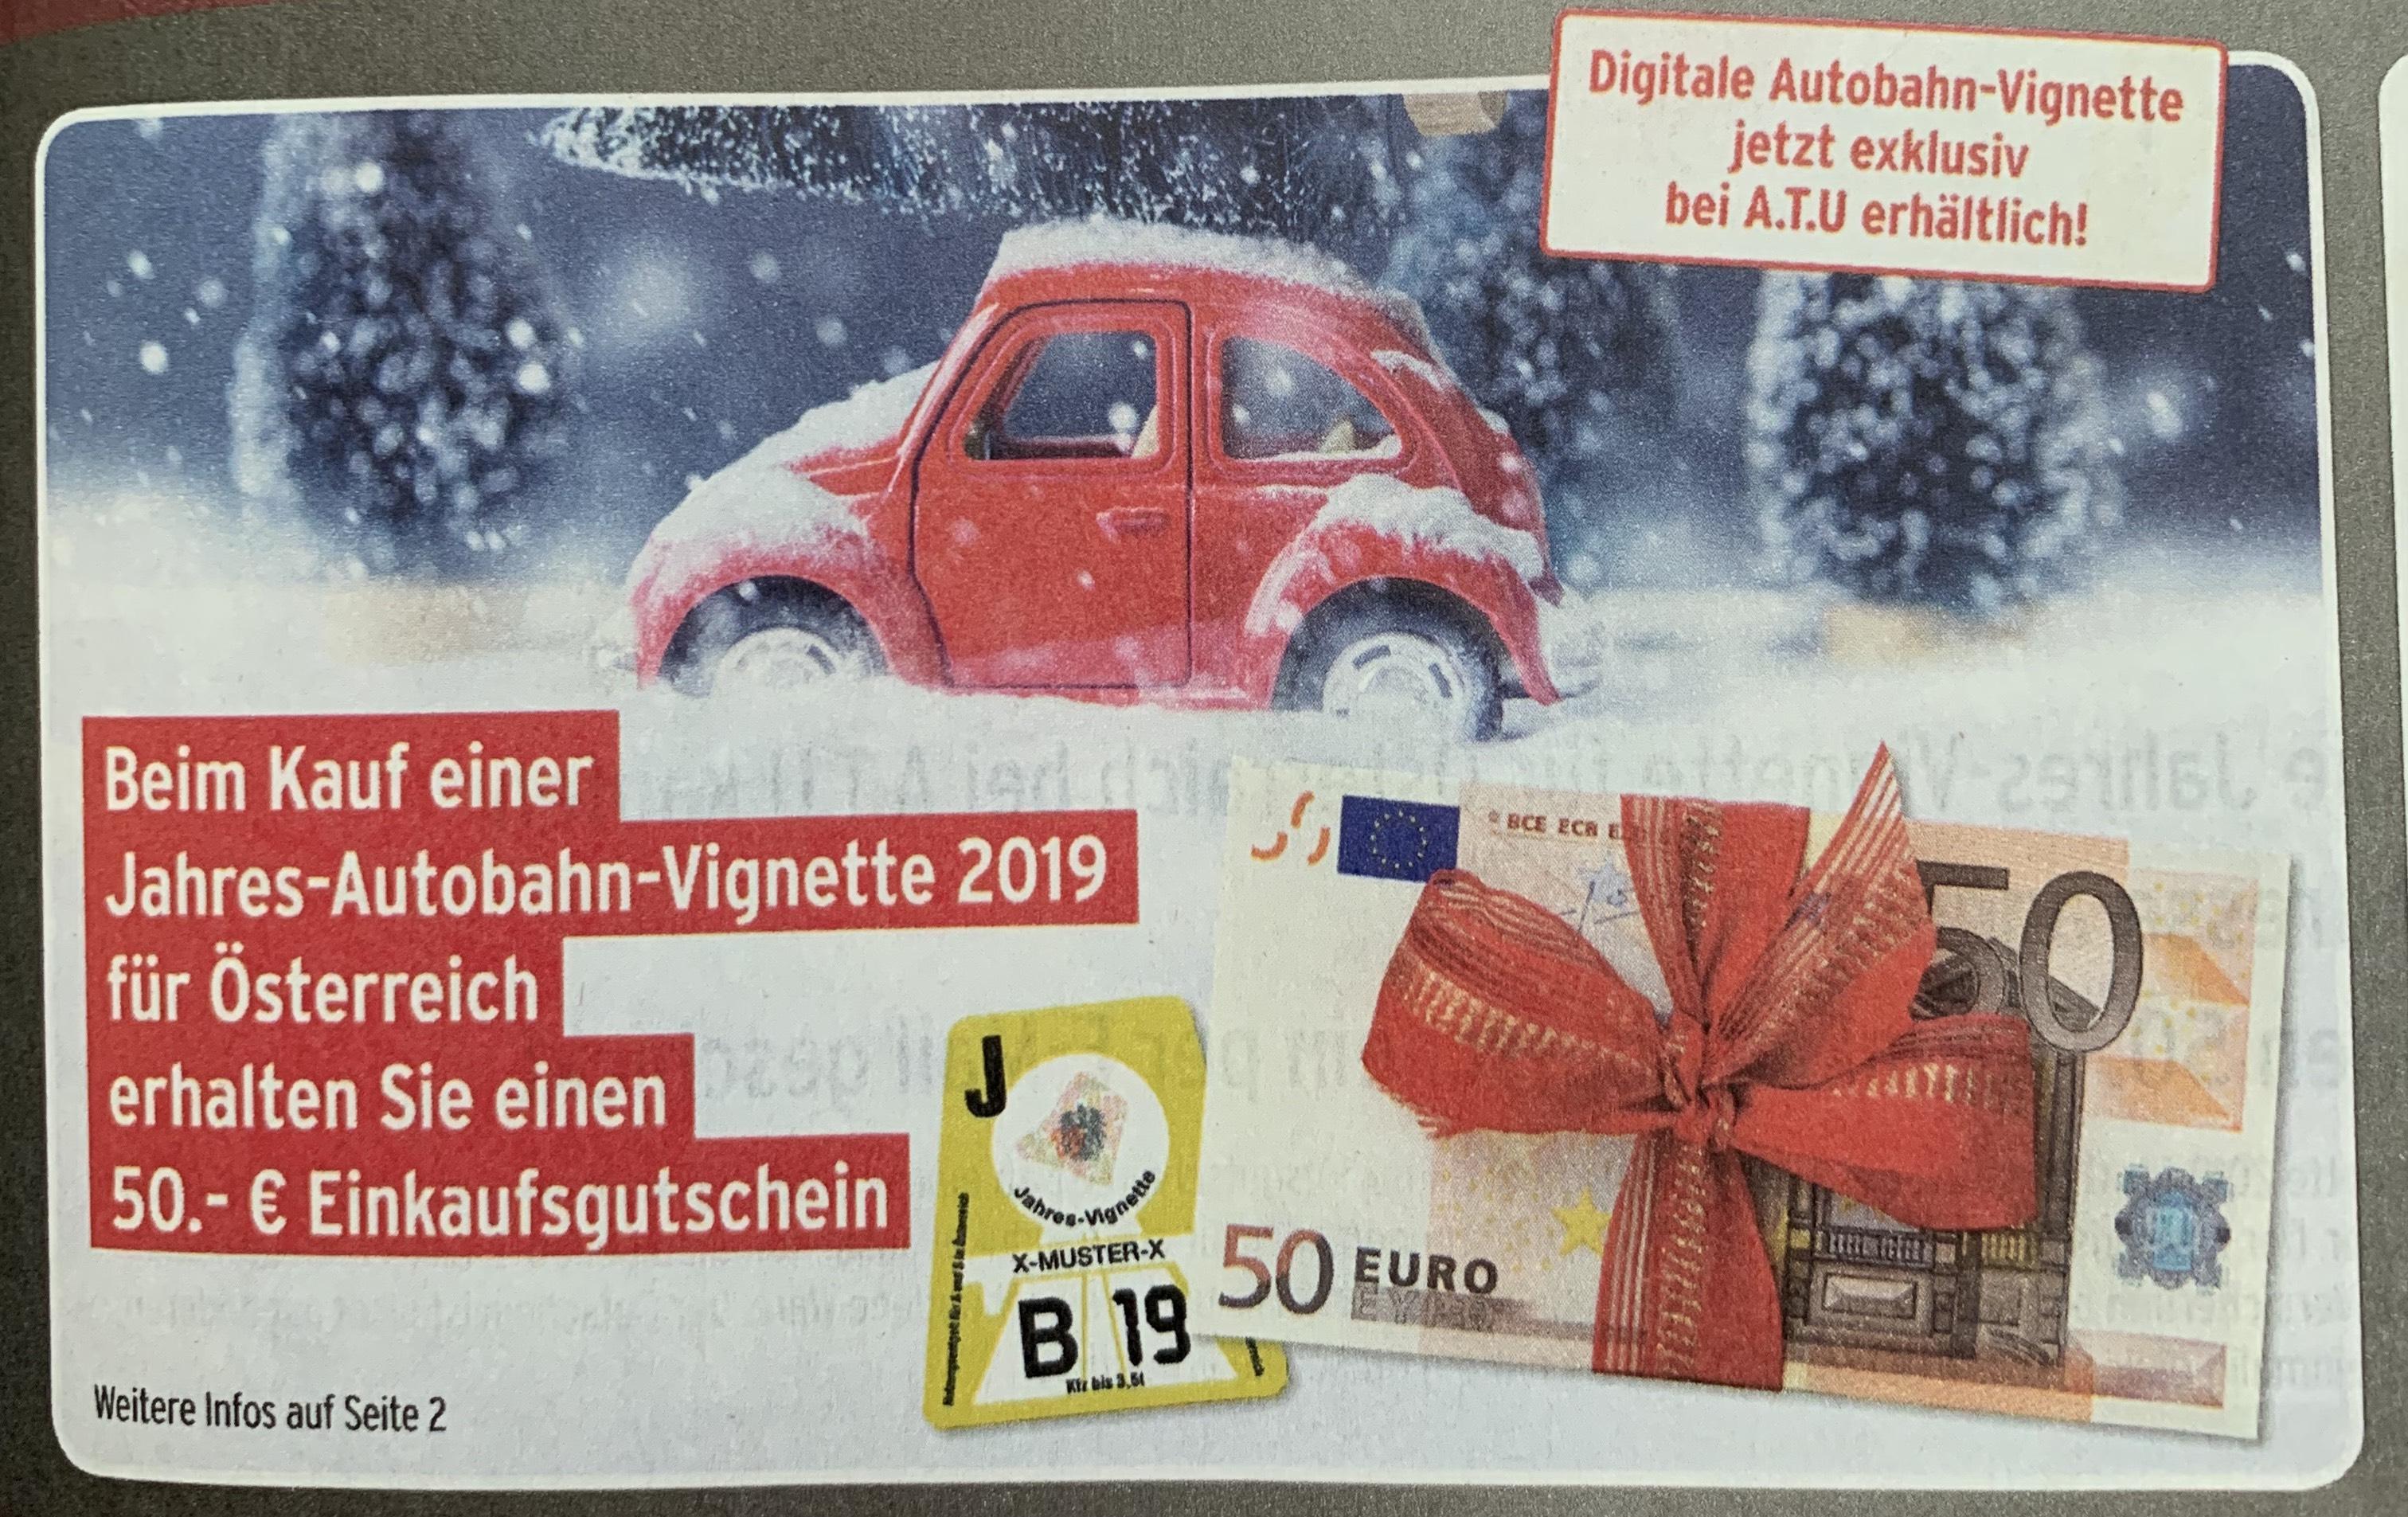 A.T.U 50€ Gutschein bei Kauf einer Jahresvignette